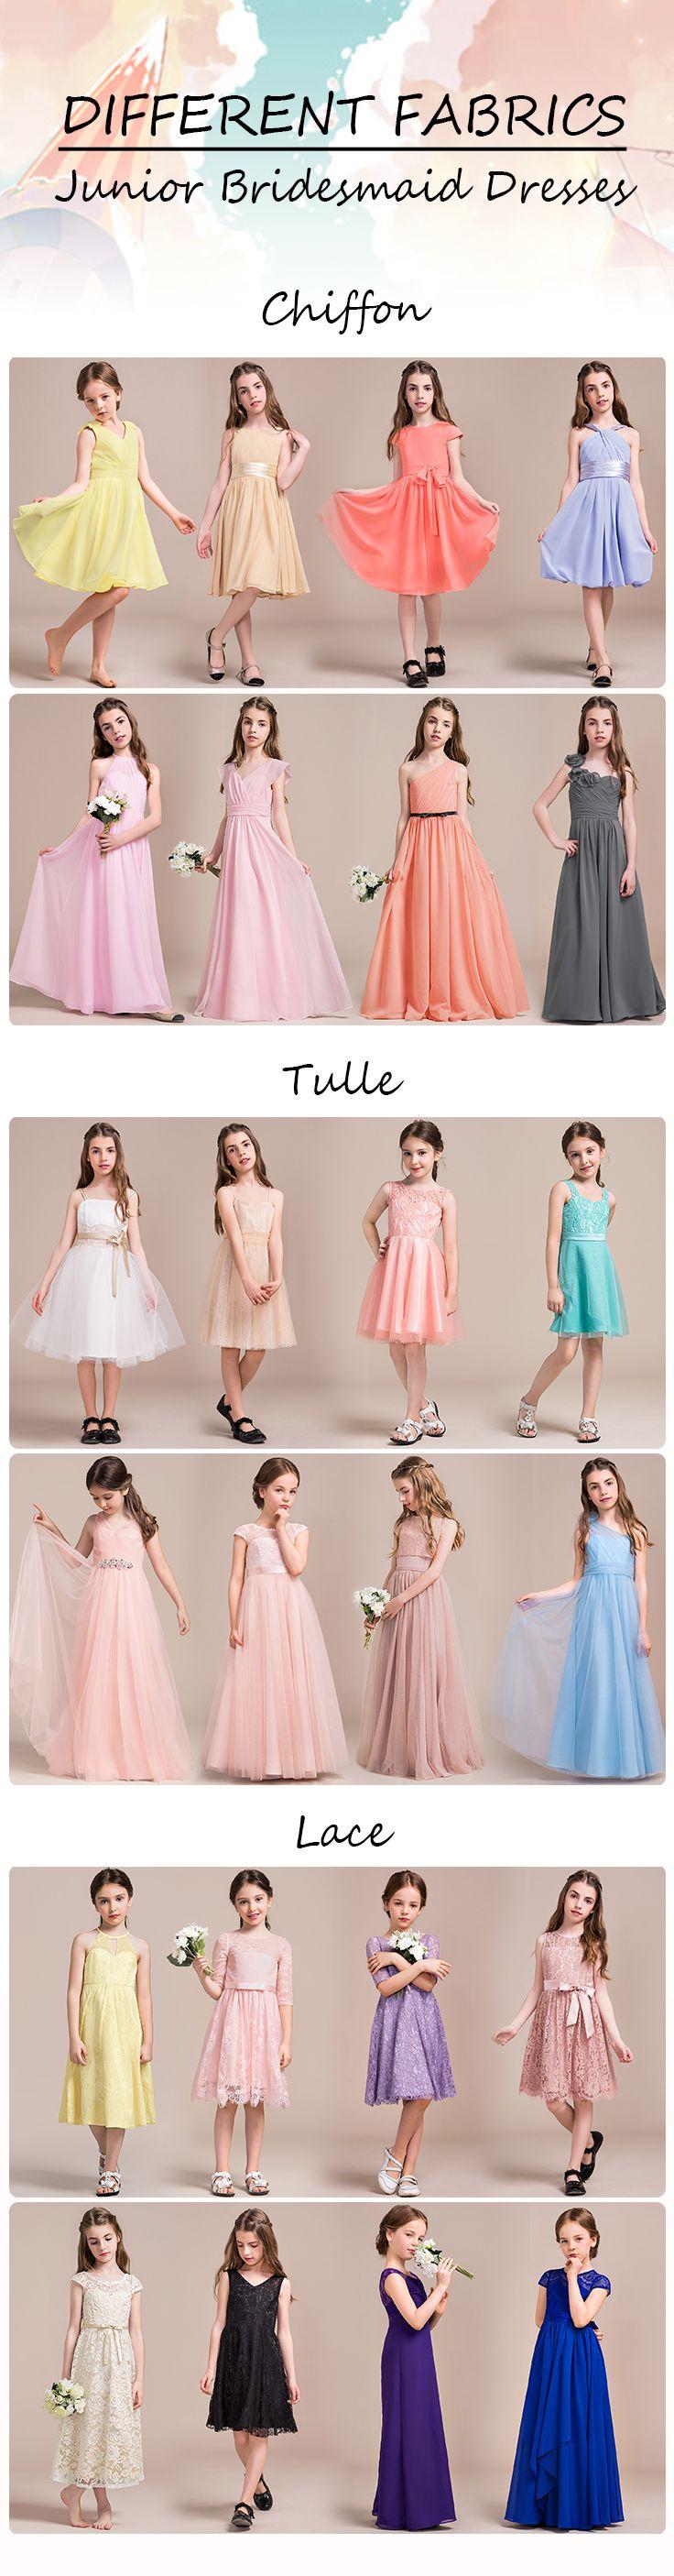 DIFFERENT FABRICS Junior Bridesmaid Dresses Juniorbridesmaiddress